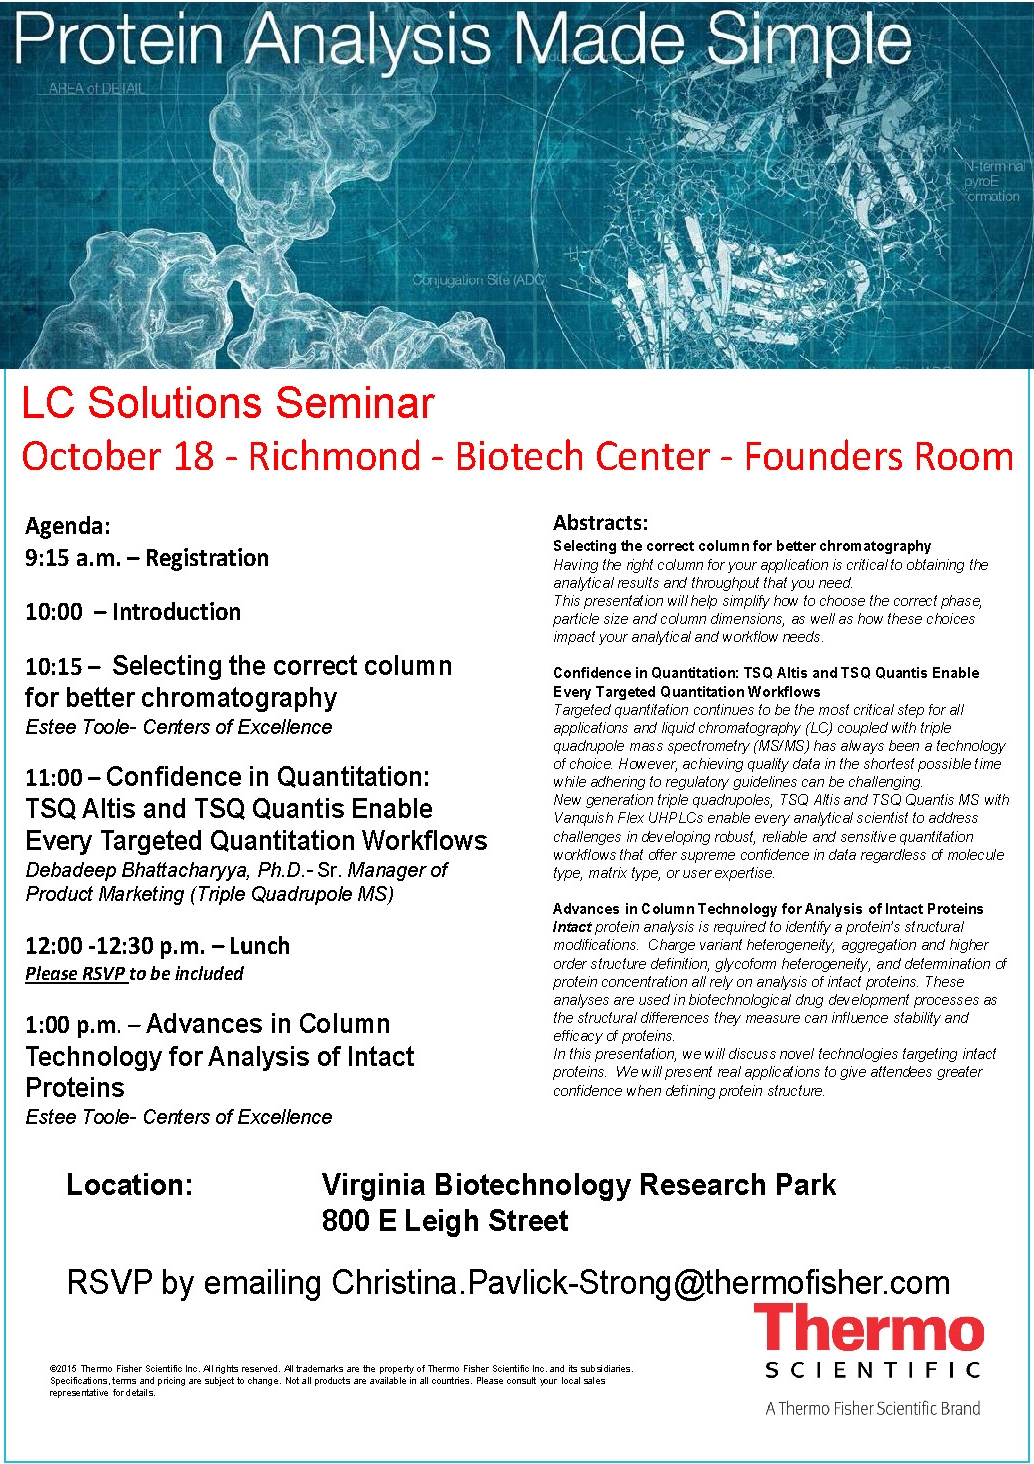 Thermo Scientific Oct 18 seminar.jpg